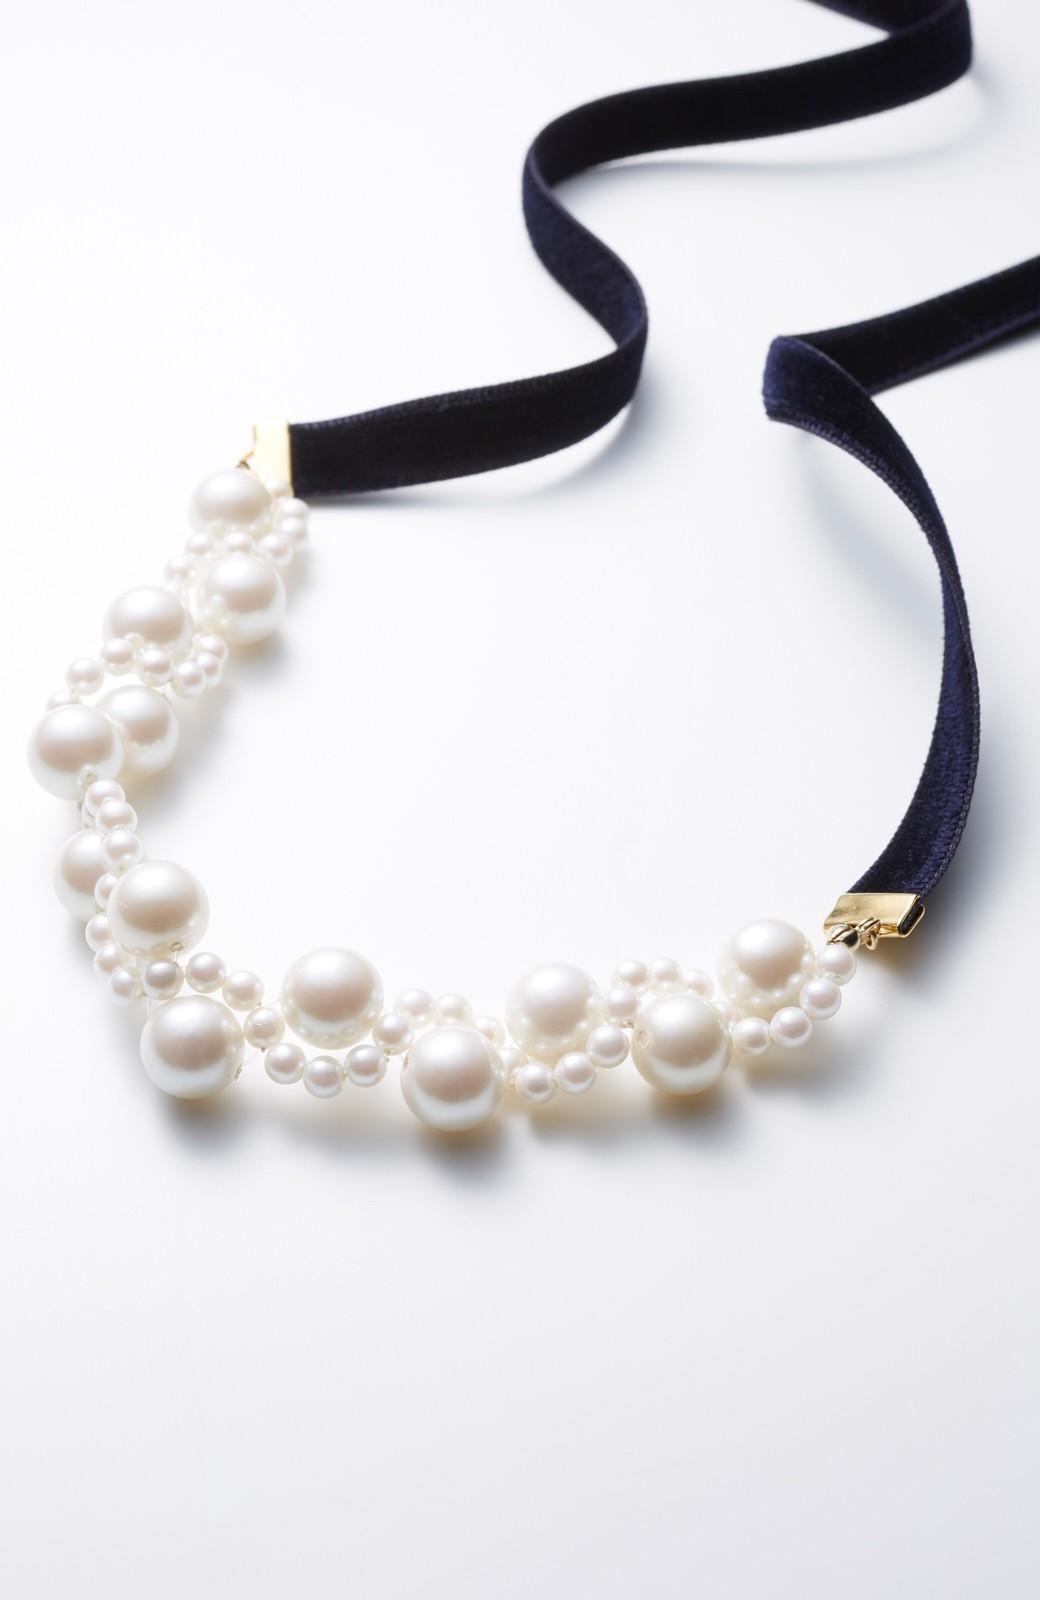 haco! ぱっとつけてぐっと華やぐ 結婚式にも便利なプラパールの編み込みネックレス <ネイビー>の商品写真1